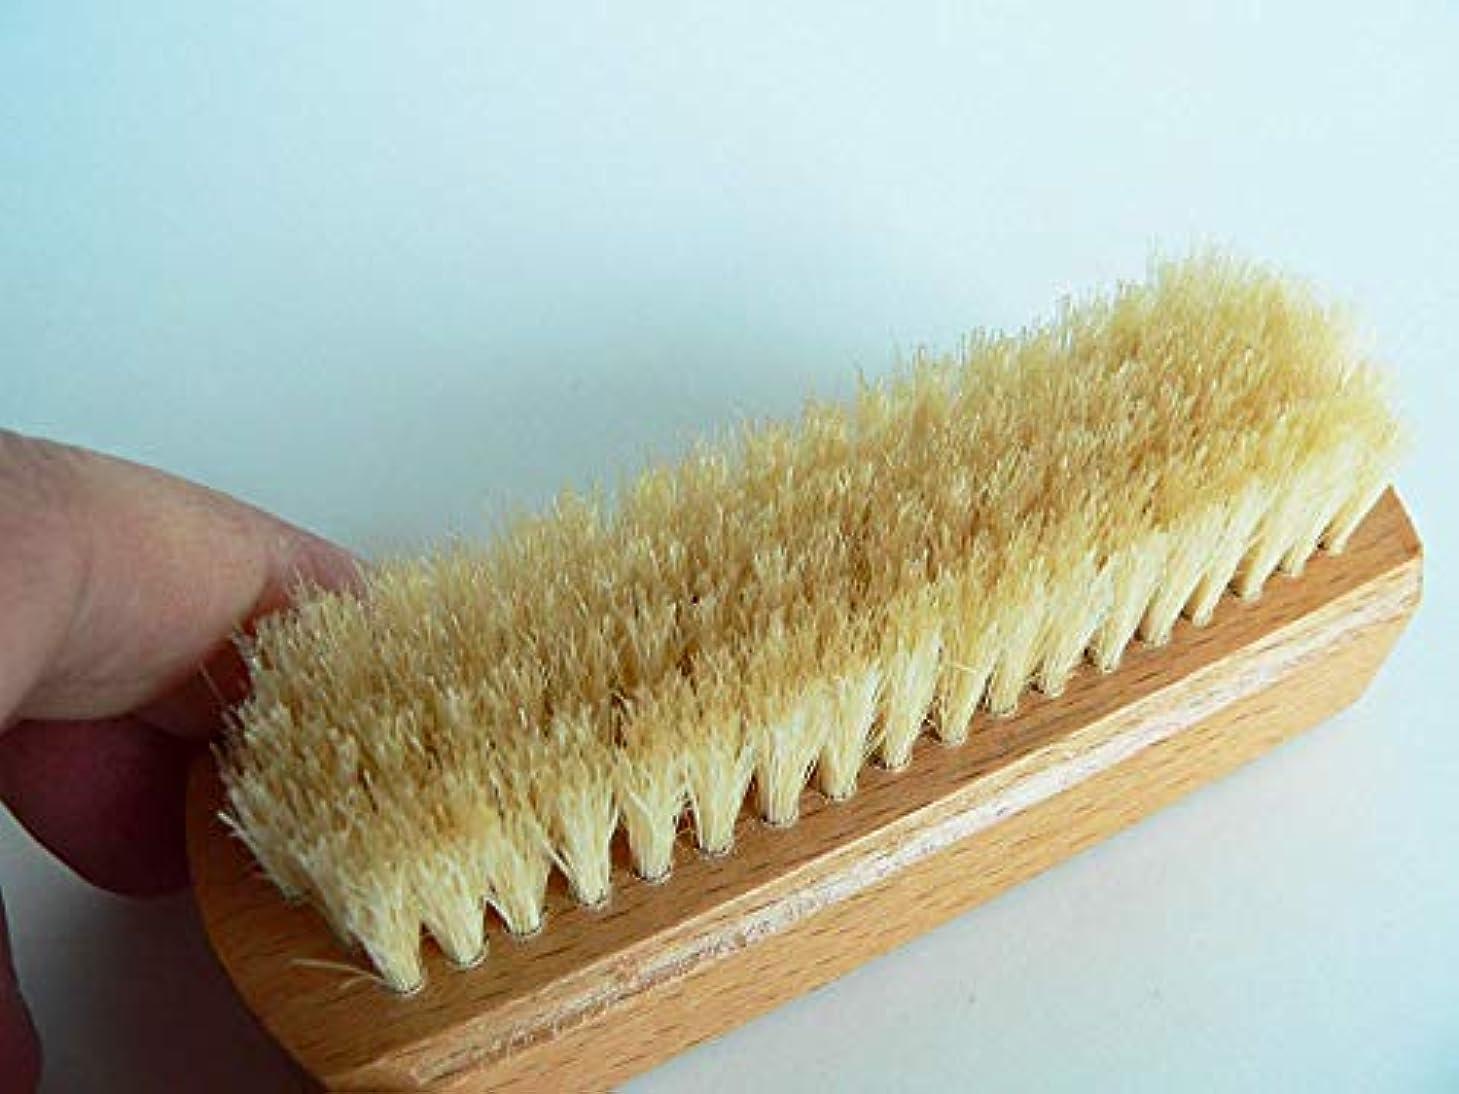 許さない相対的リベラル浅草の老舗ブラシ専門店の 爪磨き ネイルブラシ (2個セット)